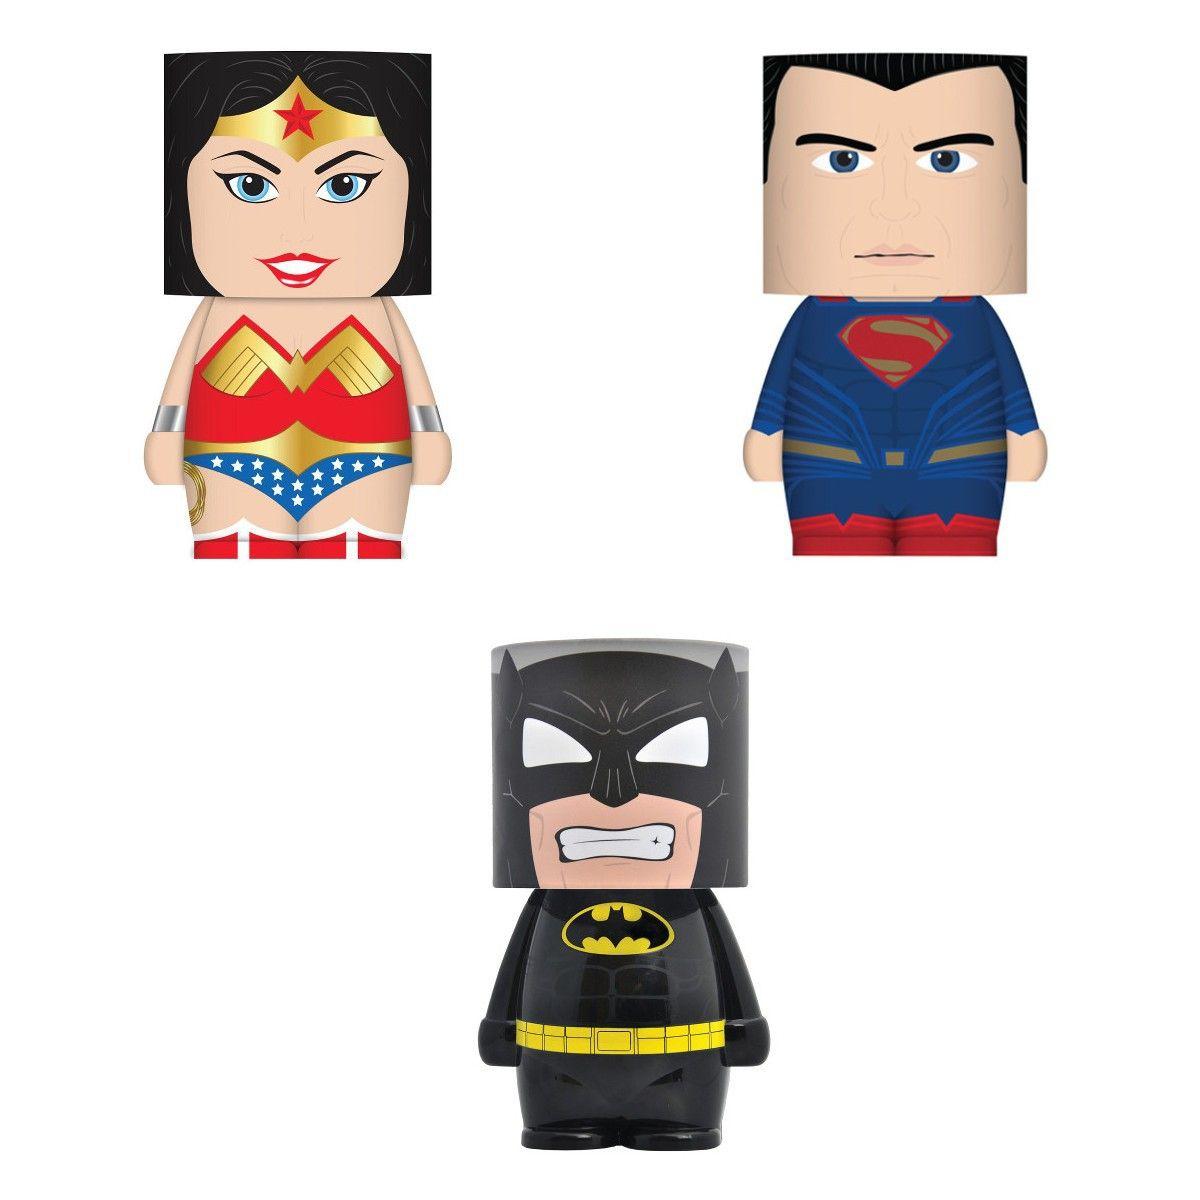 """<p>Ogni bambino ha il suo supereroe preferito: che siaSuperman, Batman o Wonder Woman<span class=""""redactor-invisible-space"""" data-verified=""""redactor"""" data-redactor-tag=""""span"""" data-redactor-class=""""redactor-invisible-space"""">tra i possibili<strong data-redactor-tag=""""strong"""" data-verified=""""redactor"""">regali per la Befana</strong> troviamo questa simpatica (e piccola) lampada a led è un must per la cameretta di un vero amante dei fumetti.</span><span class=""""redactor-invisible-space"""" data-verified=""""redactor"""" data-redactor-tag=""""span"""" data-redactor-class=""""redactor-invisible-space""""></span></p>"""